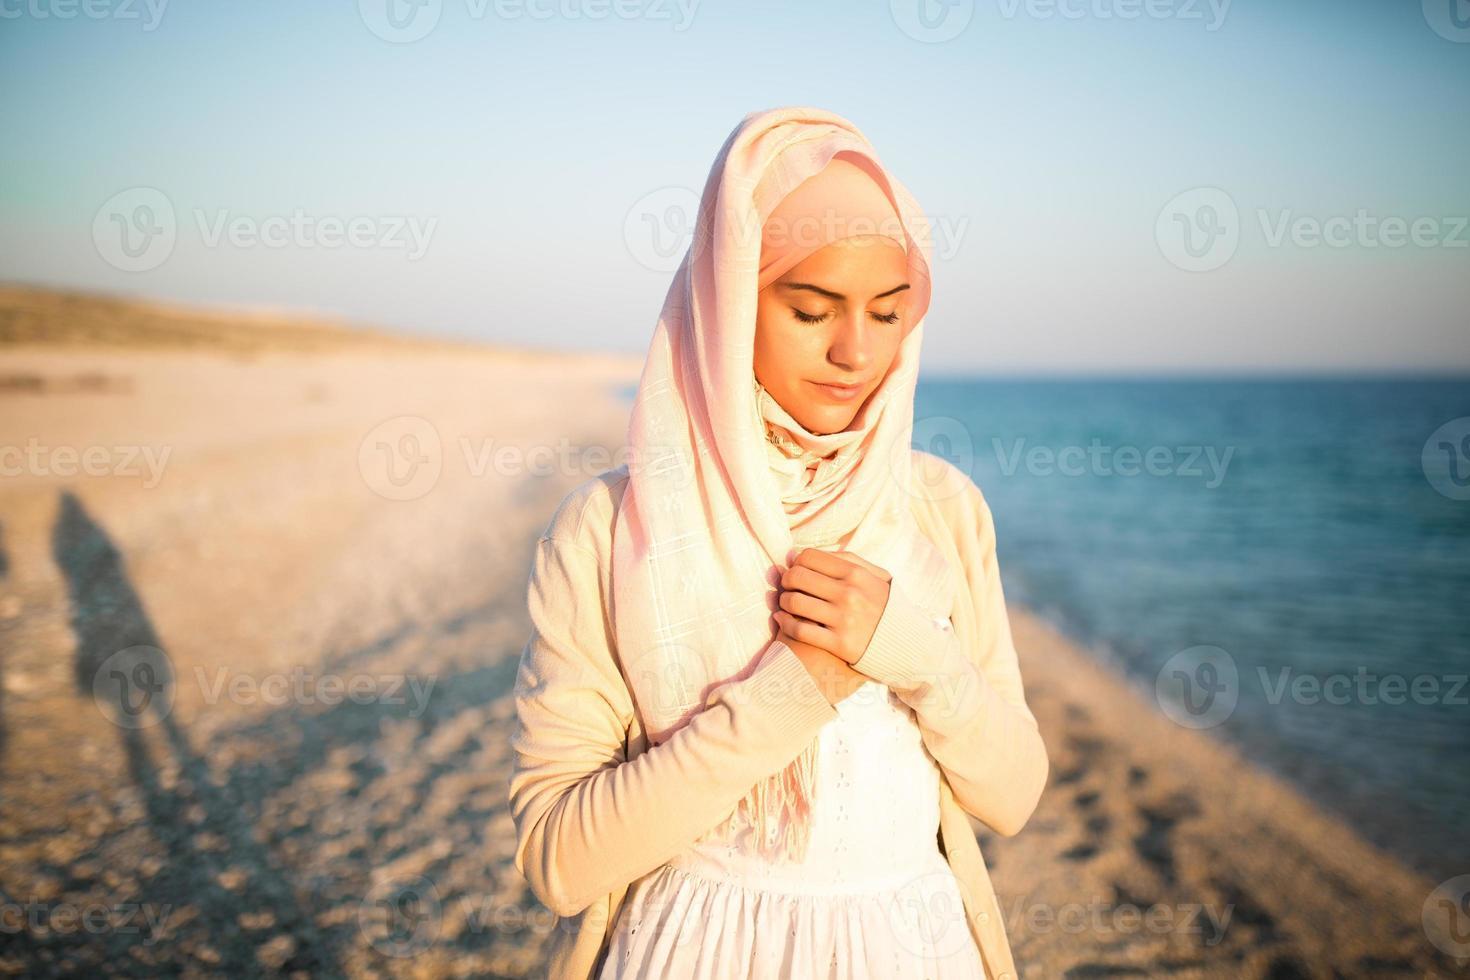 humble femme musulmane priant sur la plage. femme religieuse spirituelle photo